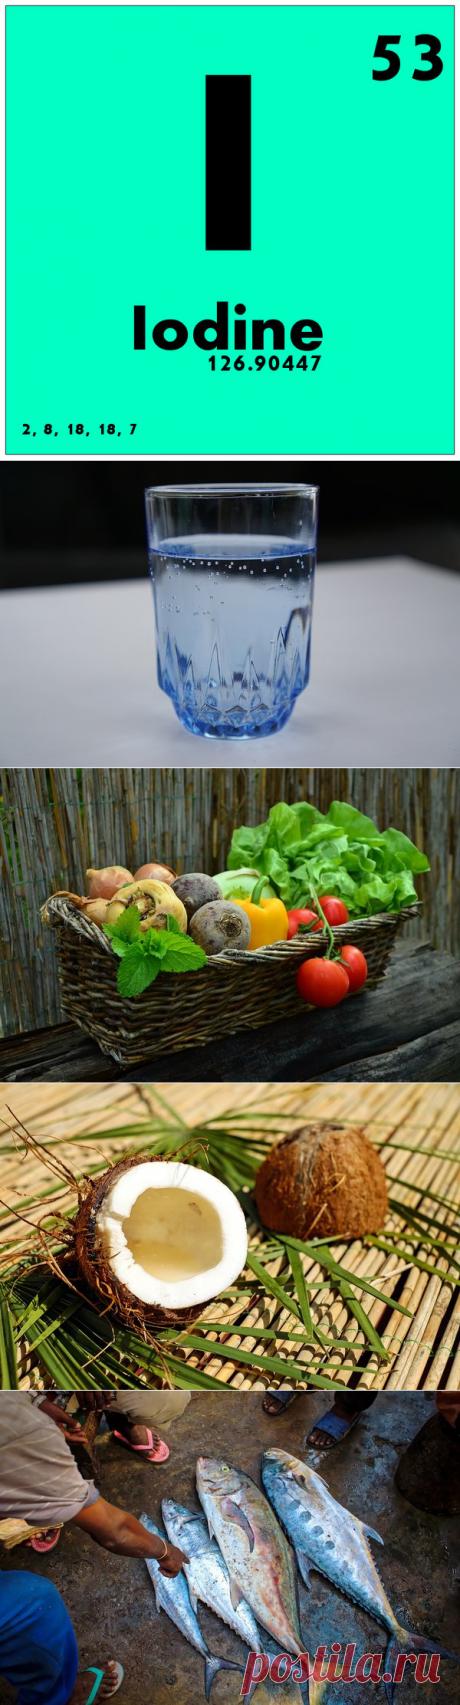 8 продуктов и нутриентов, которые полезны при гипотиреозе | Доброго здоровья! | Яндекс Дзен